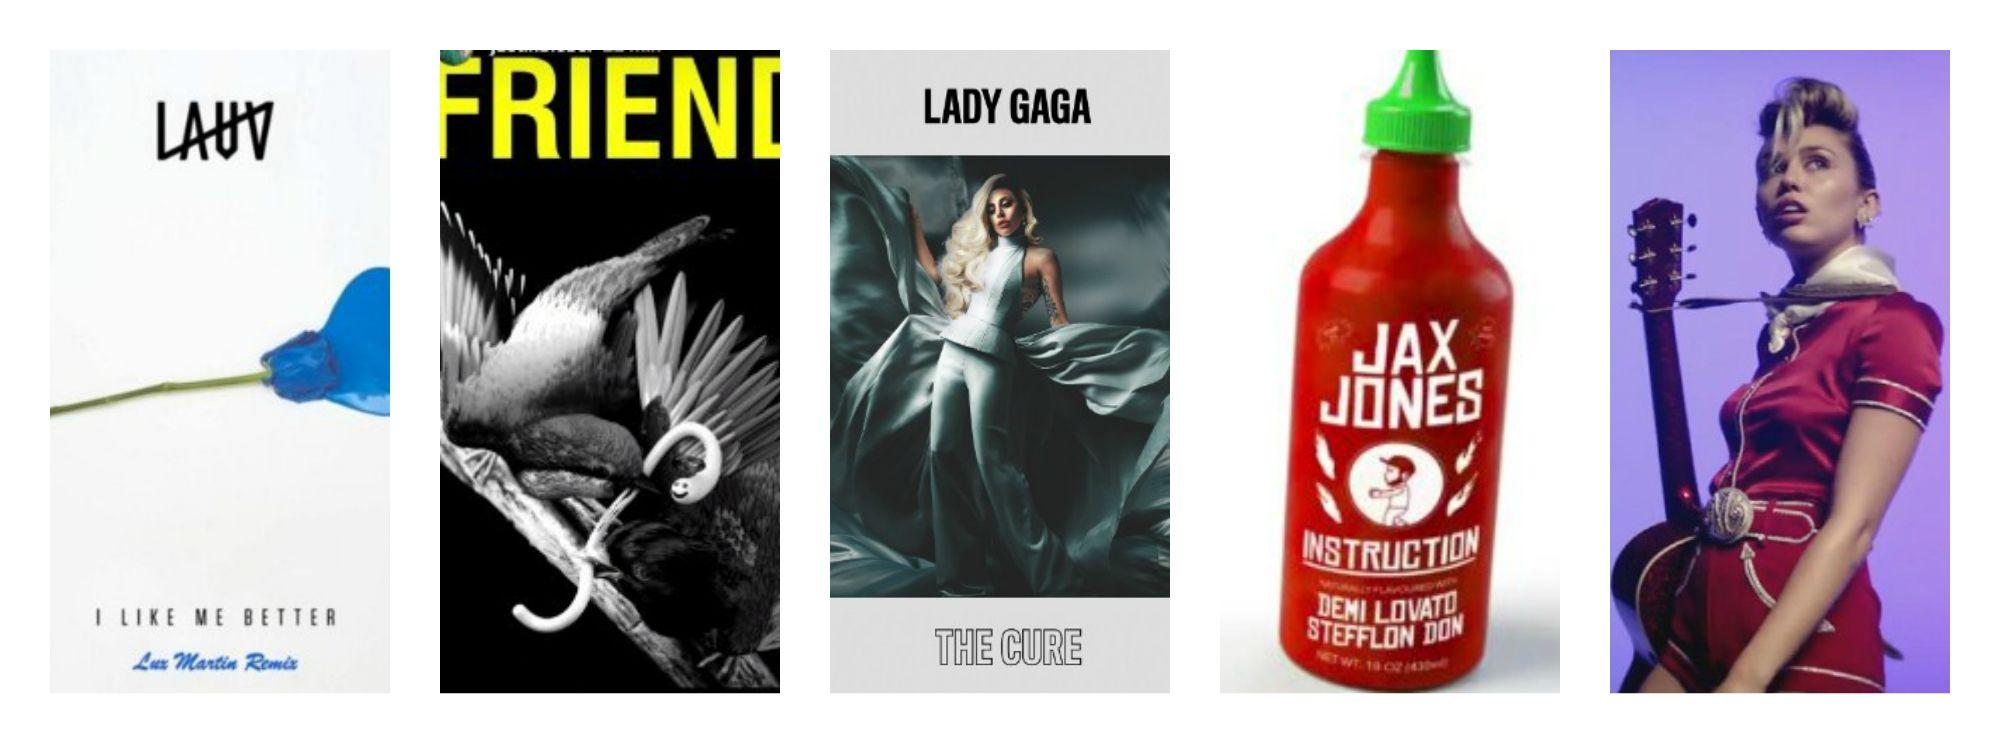 11 singlova u 2017. godini od kojih smo očekivali više